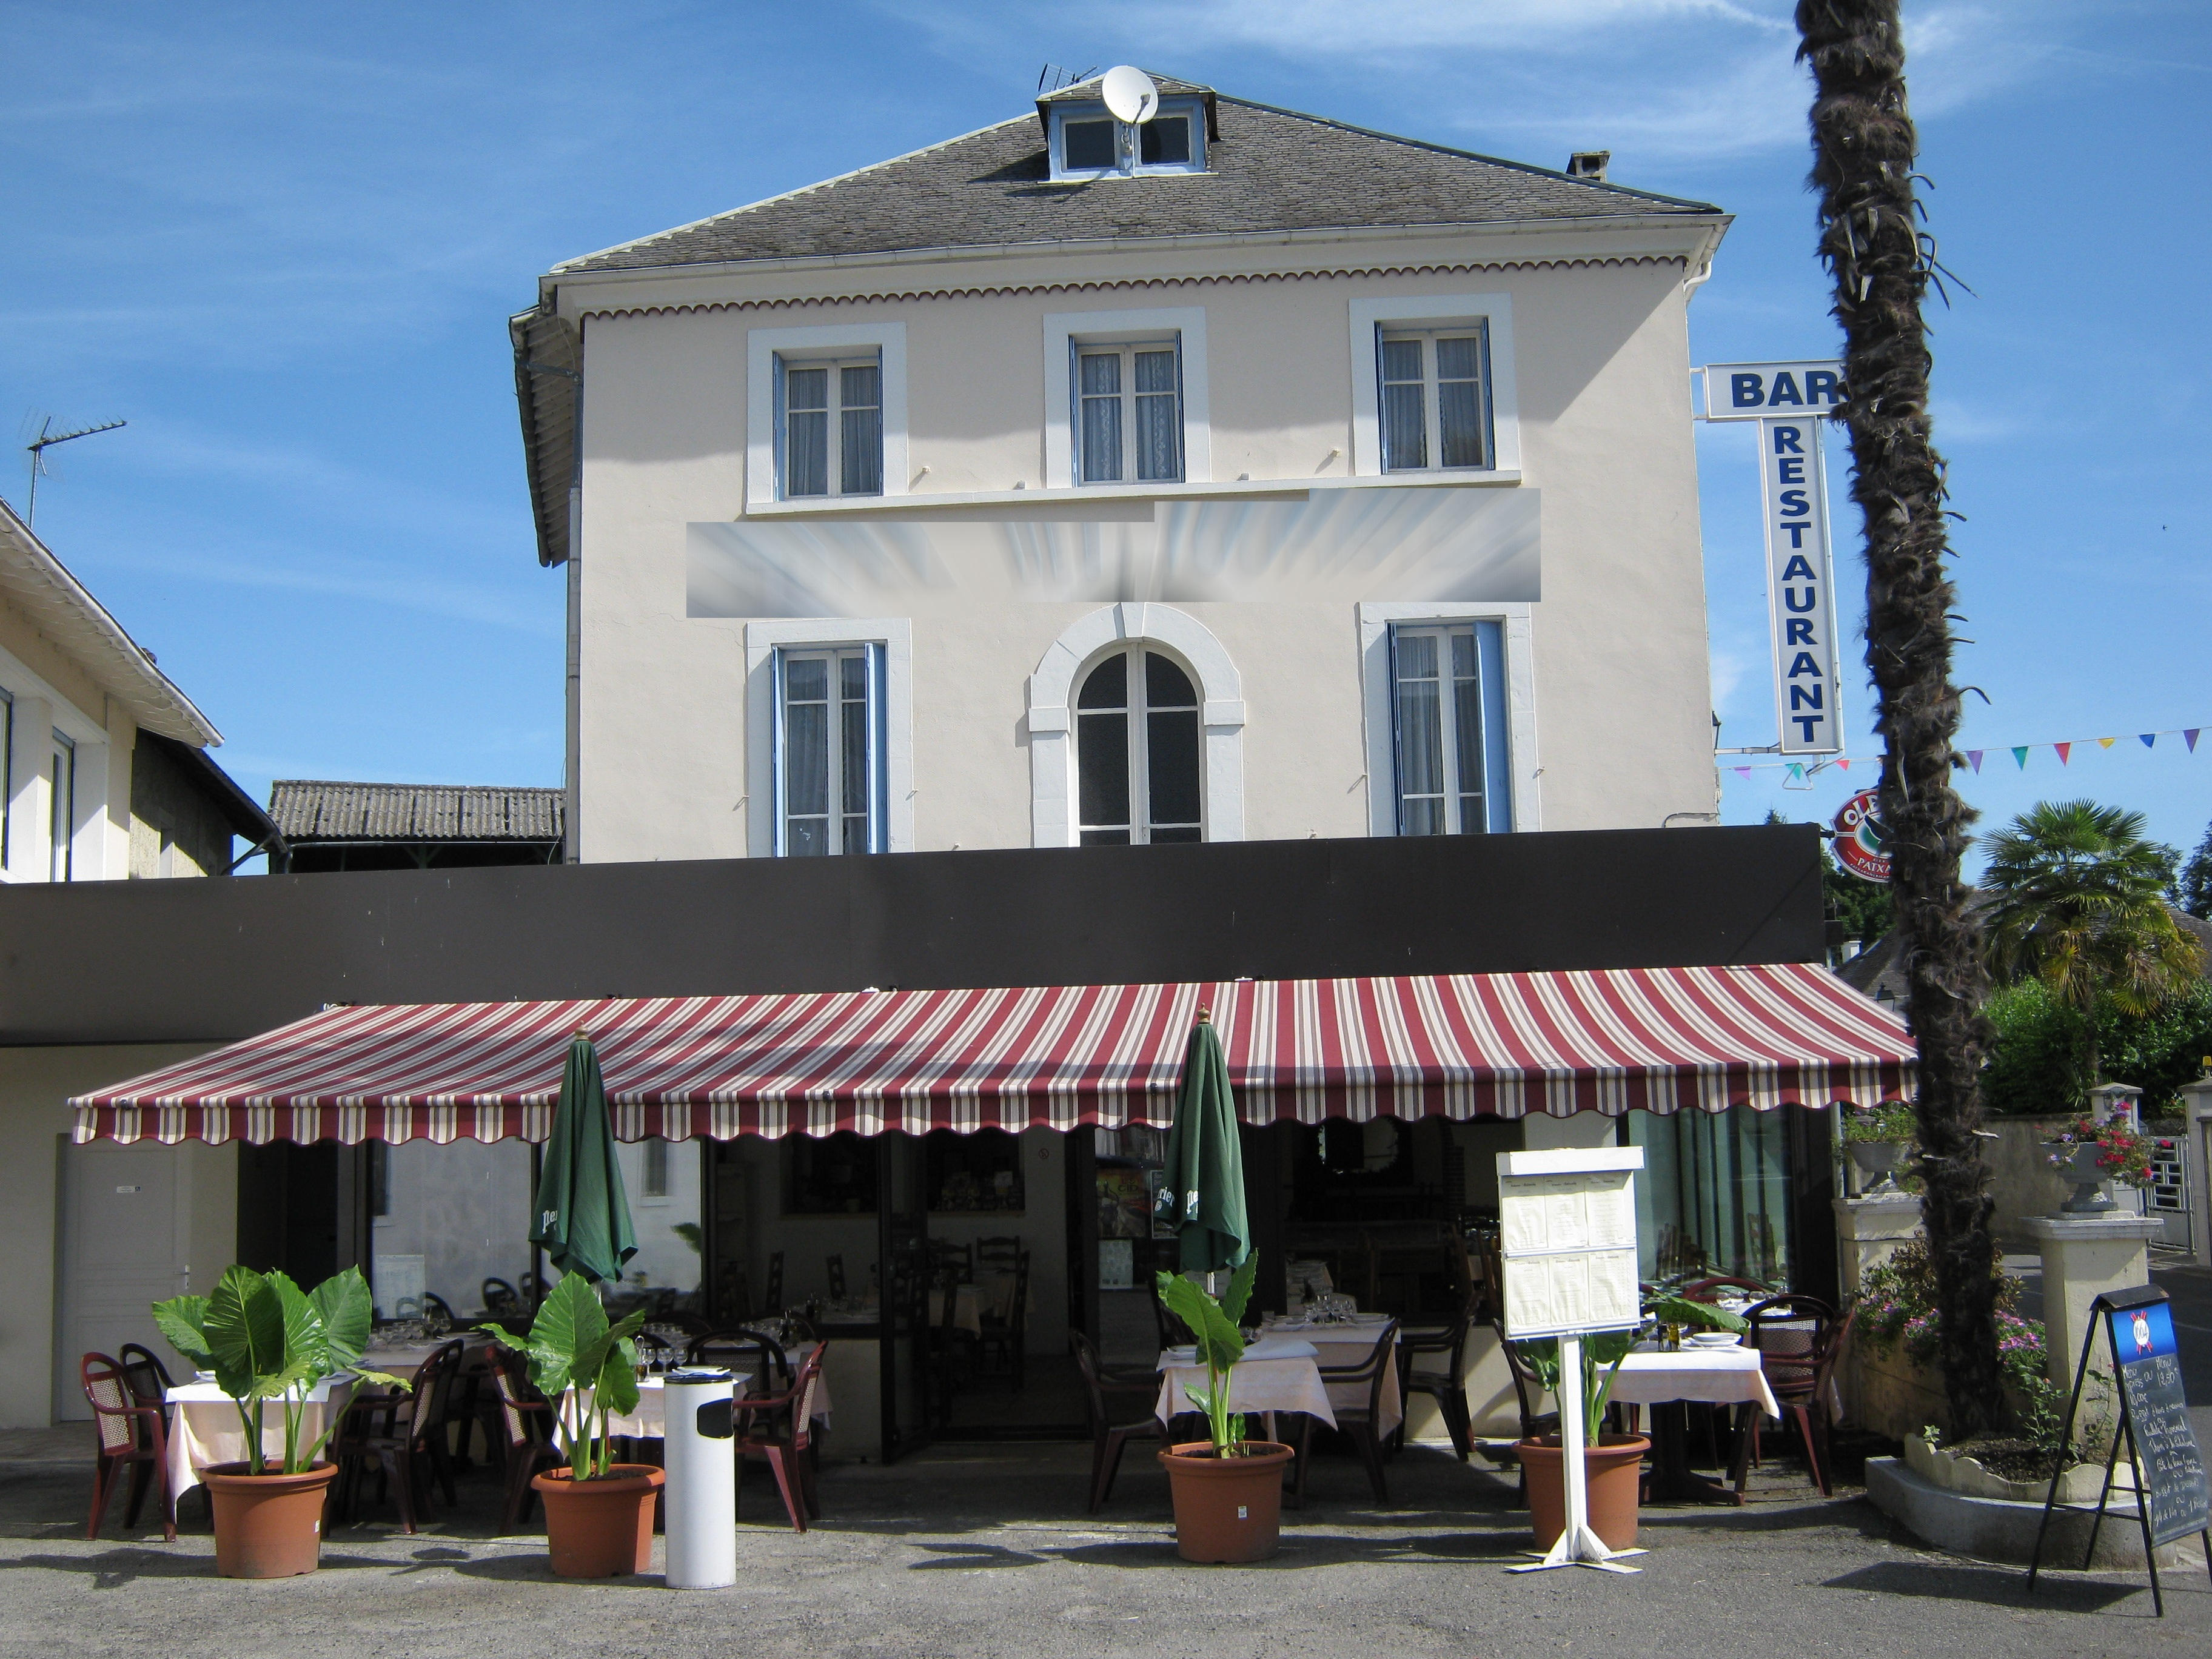 Vente Restaurant traditionnel - spécialités du Sud-Ouest près de Lourdes (65100)